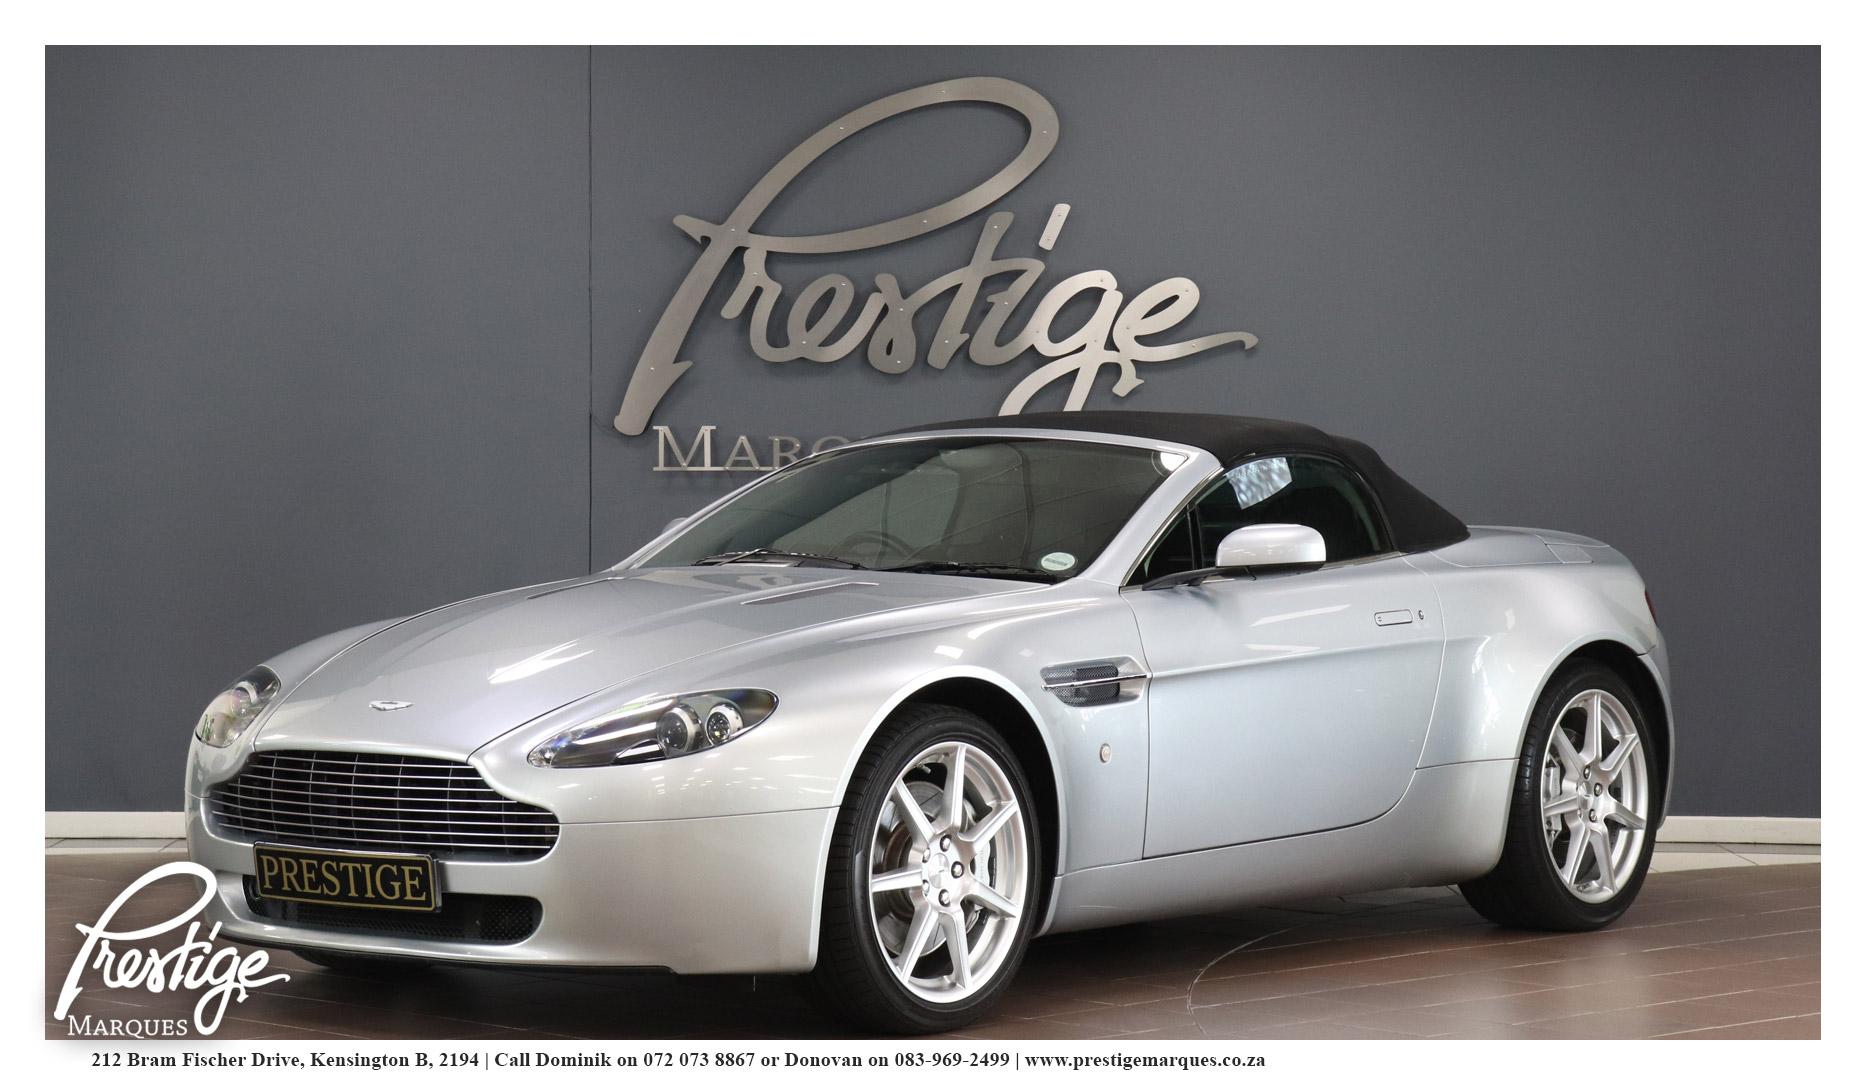 Aston-Martin-V8-Vantage-Convertible-Auto-Prestige-Marques-Sandton-14